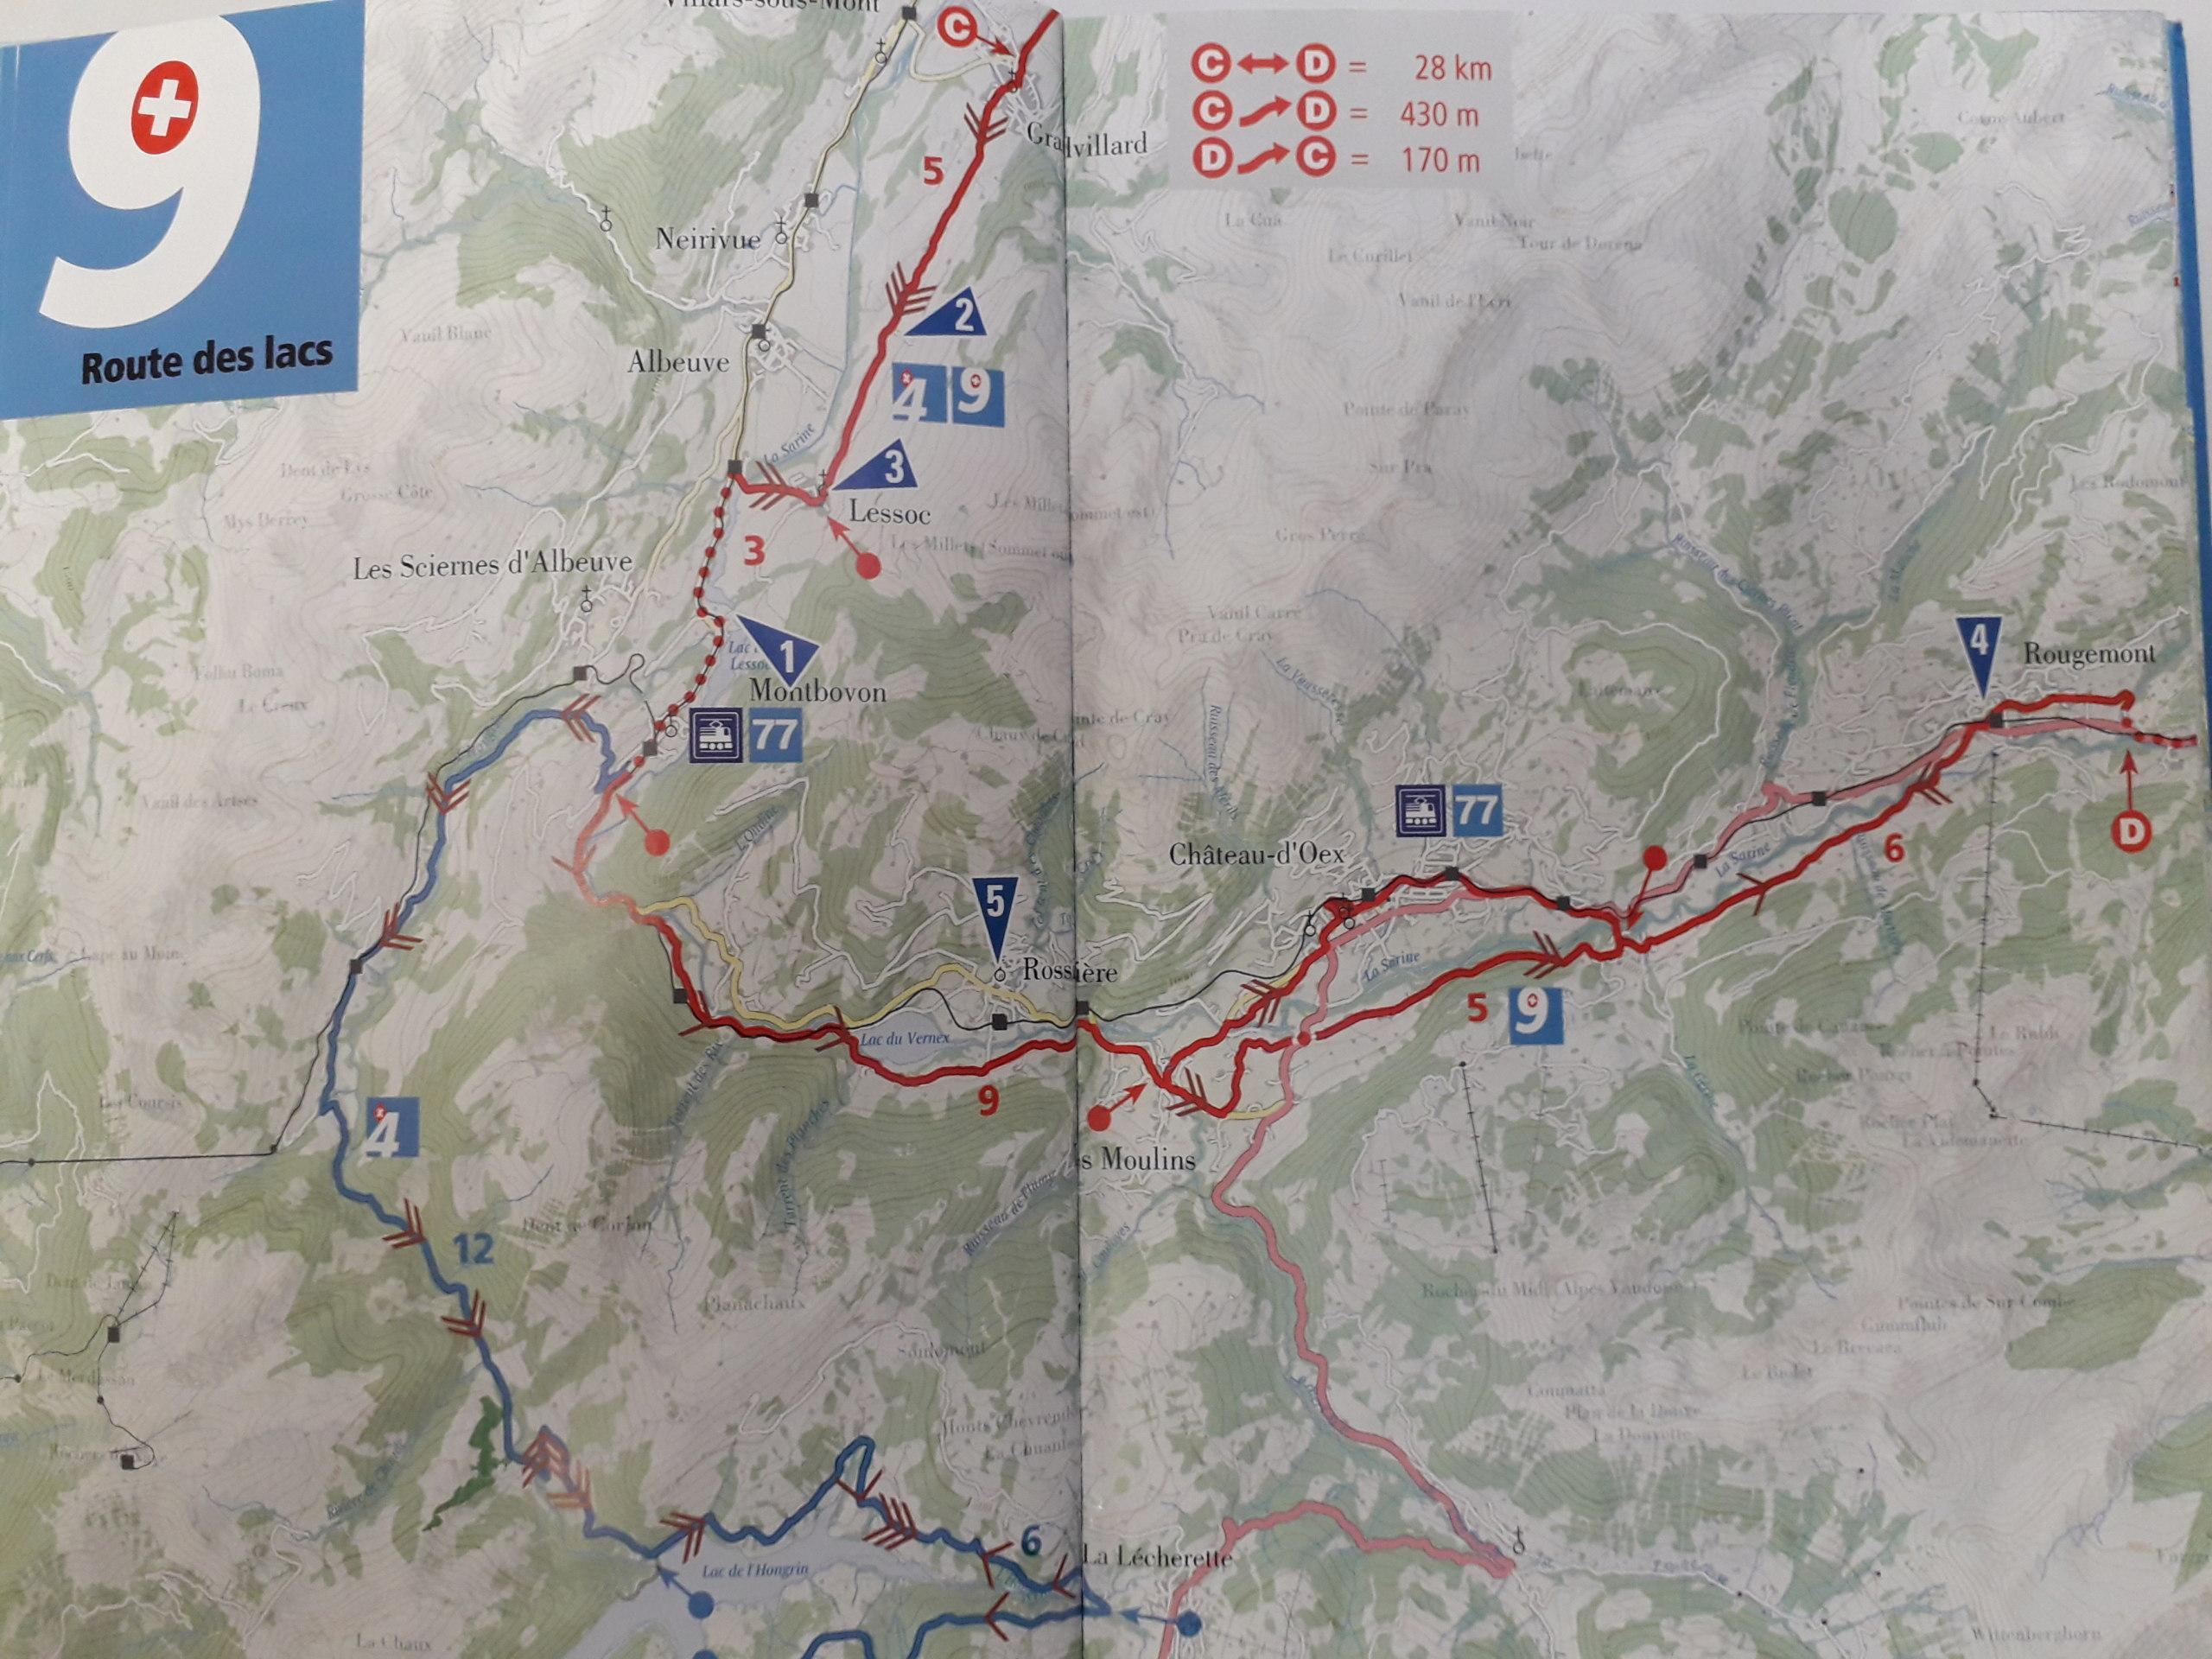 La Route des lacs - Suisse [7 au 12 juin] saison 14 •Bƒ 20190513